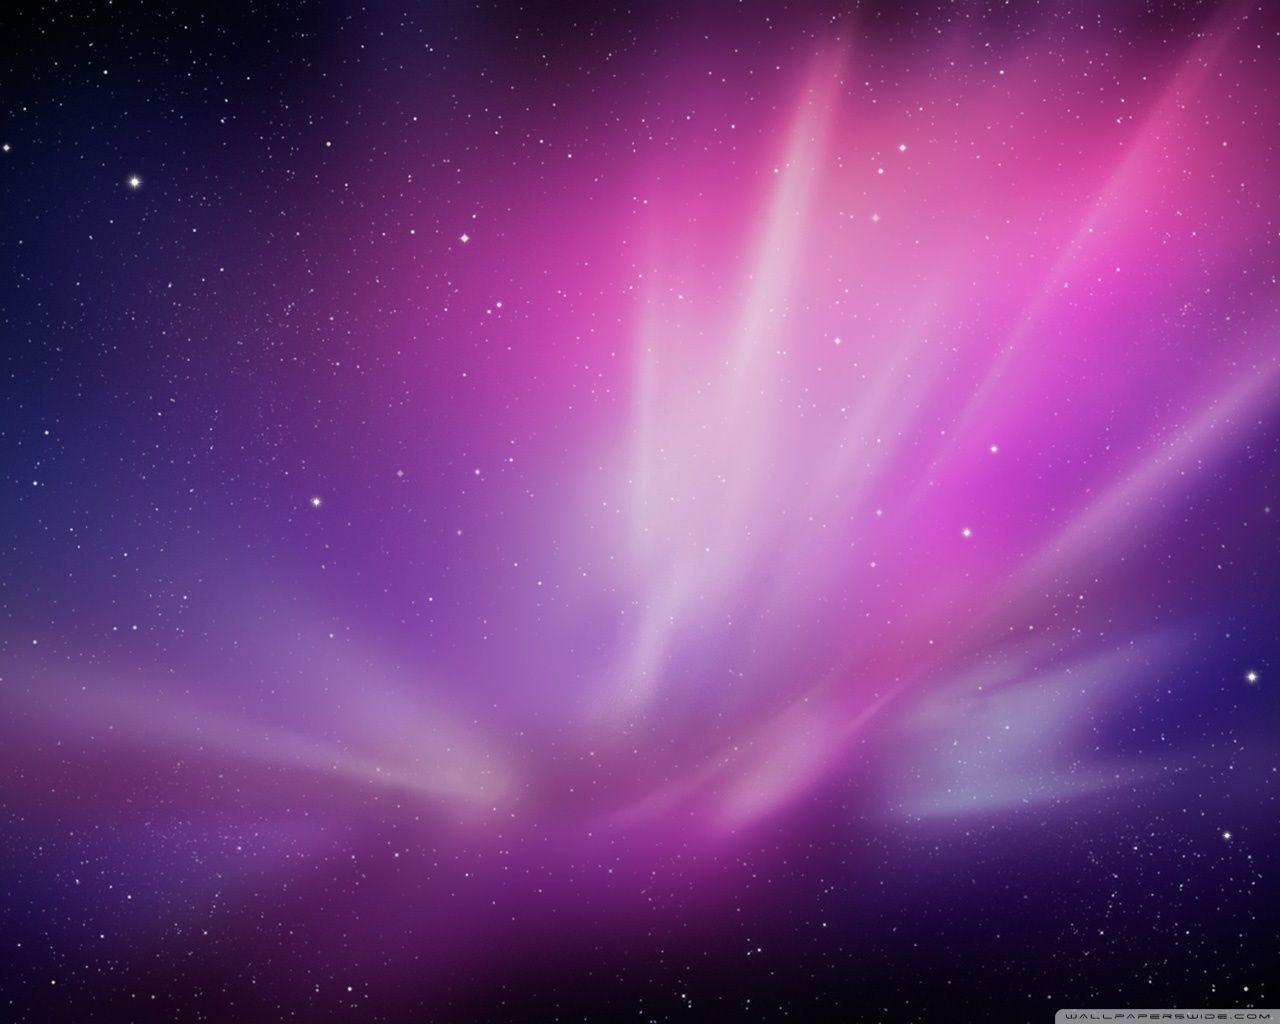 The Milky Way Wallpaper - WallpaperSafari